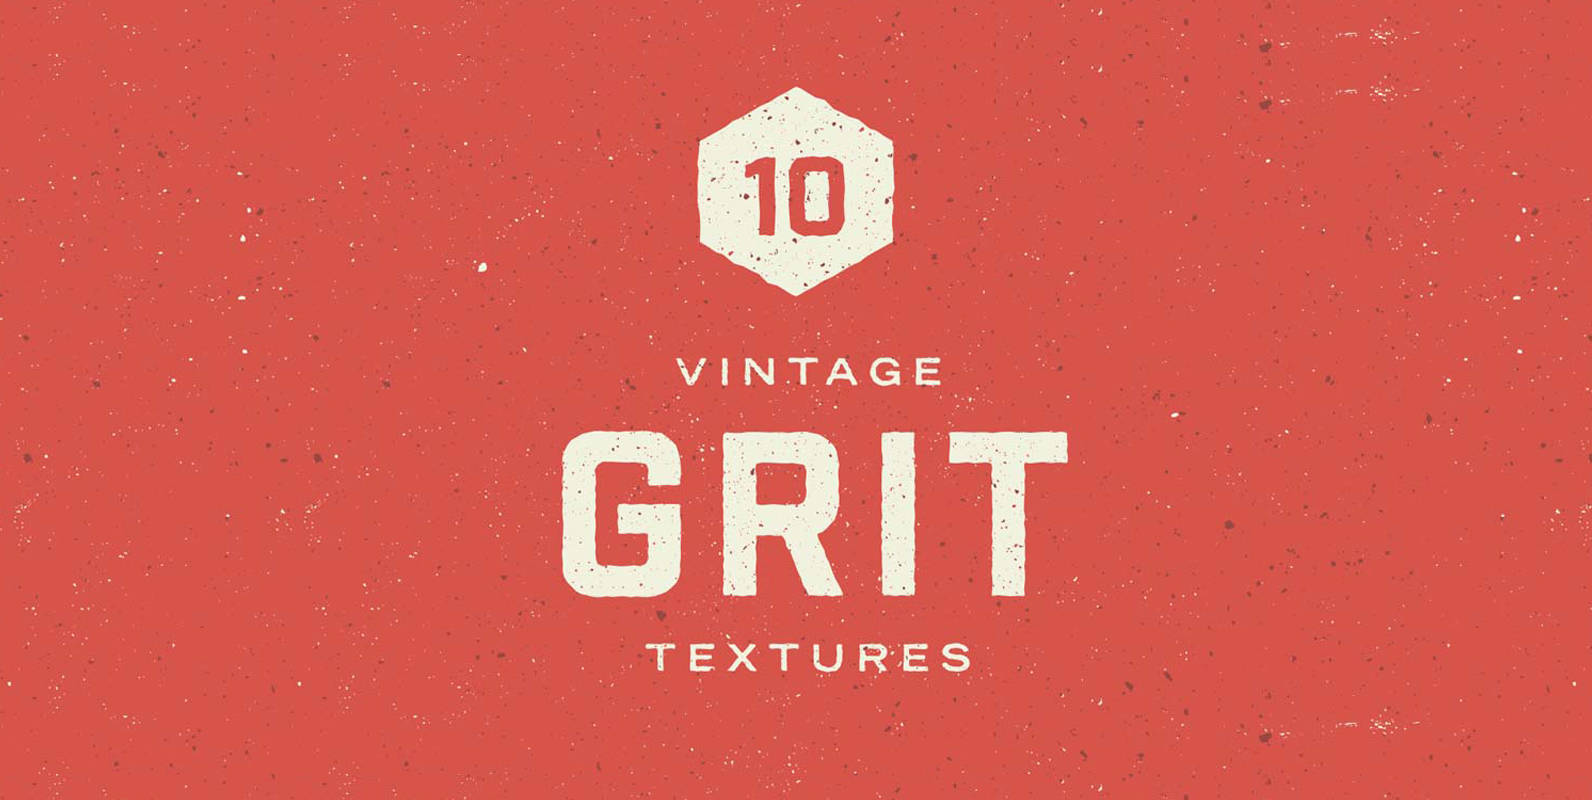 Vintage Grit Textures